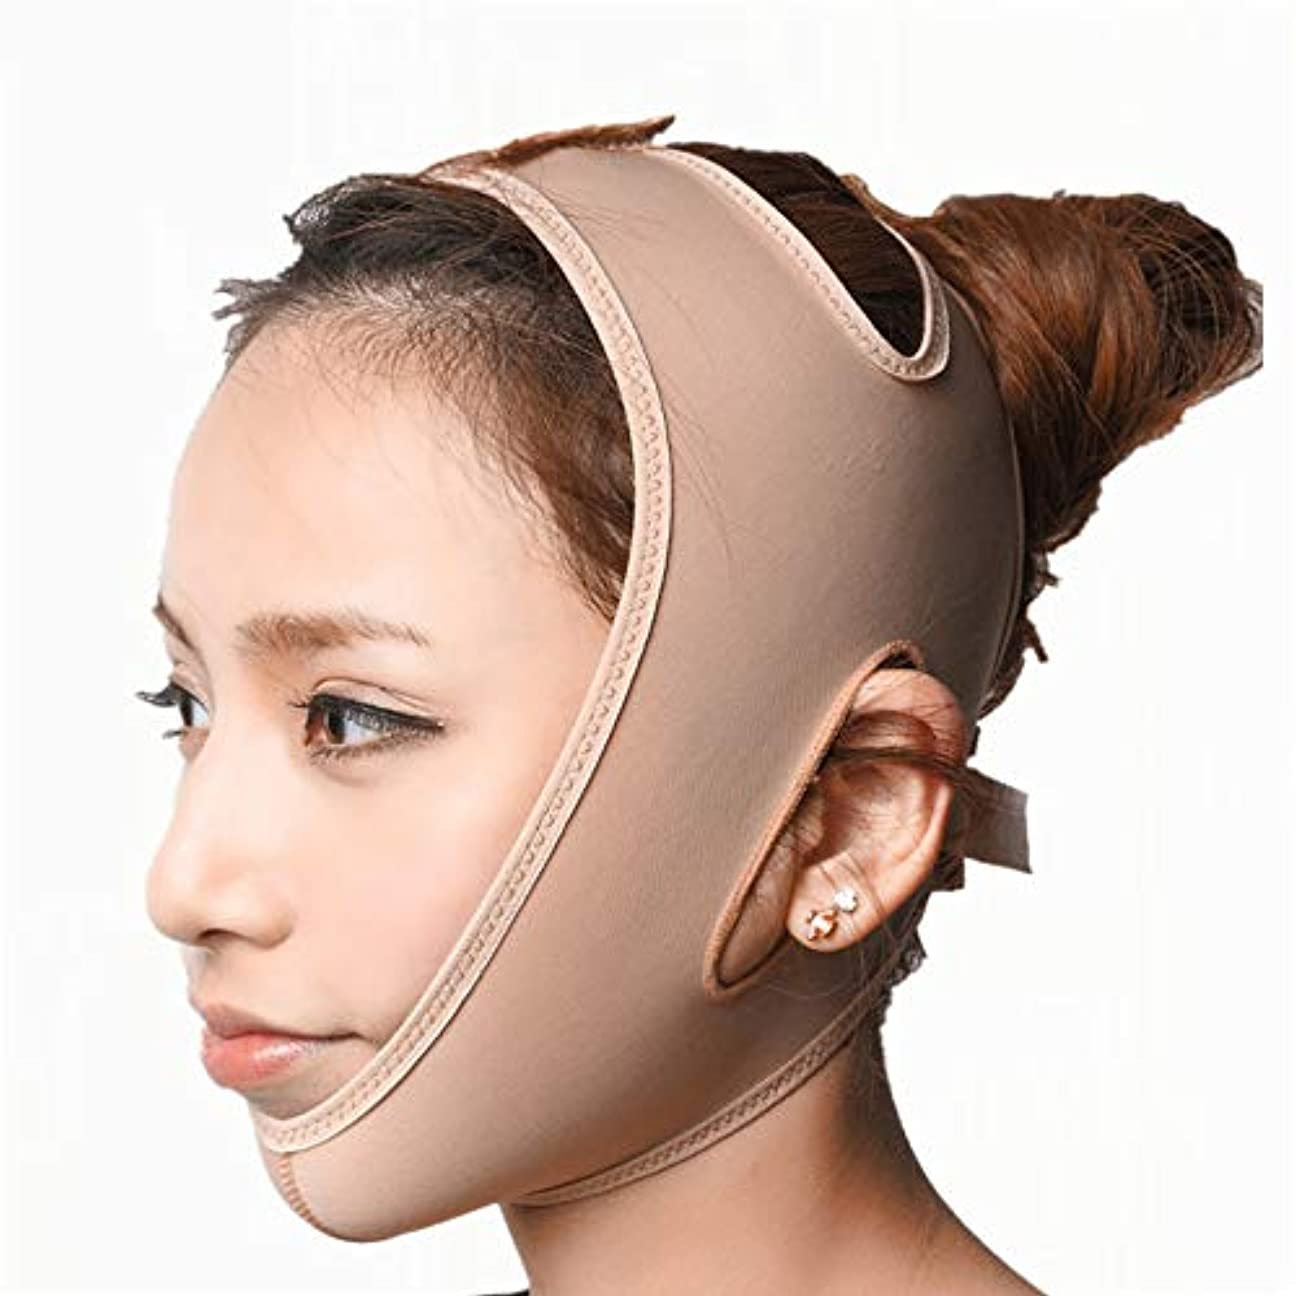 薄める変動する効率的フェイスリフトベルト 薄い顔のベルト - 薄い顔のアーチファクトVの顔の包帯マスクの顔のマッサージャー薄いダブルの顎のデバイス